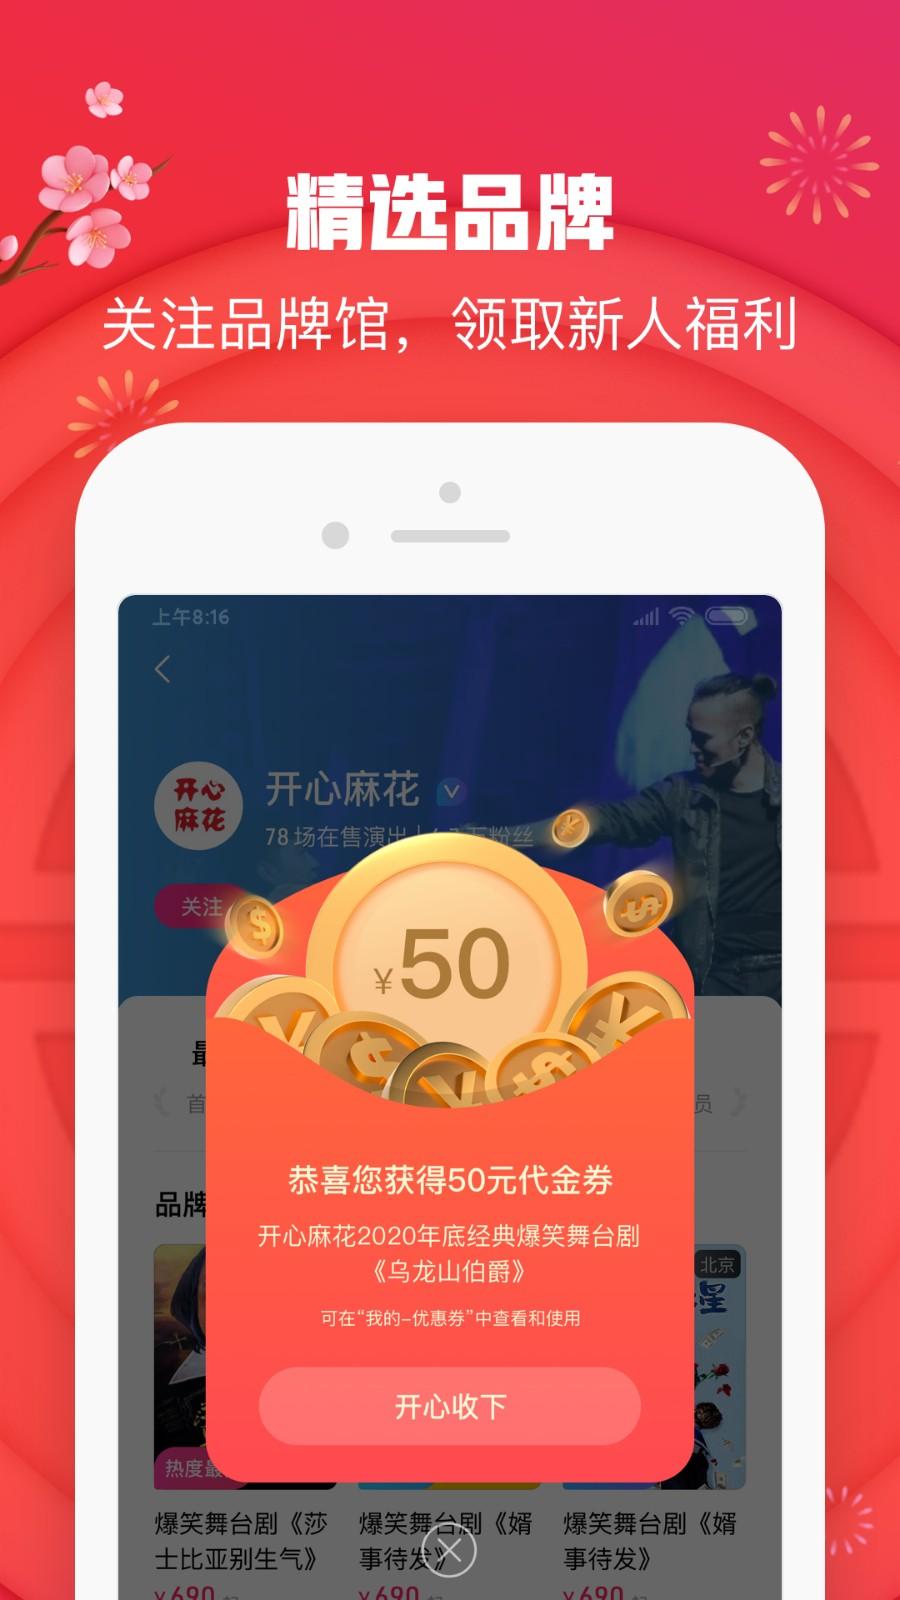 大麦网官方订票app最新下载